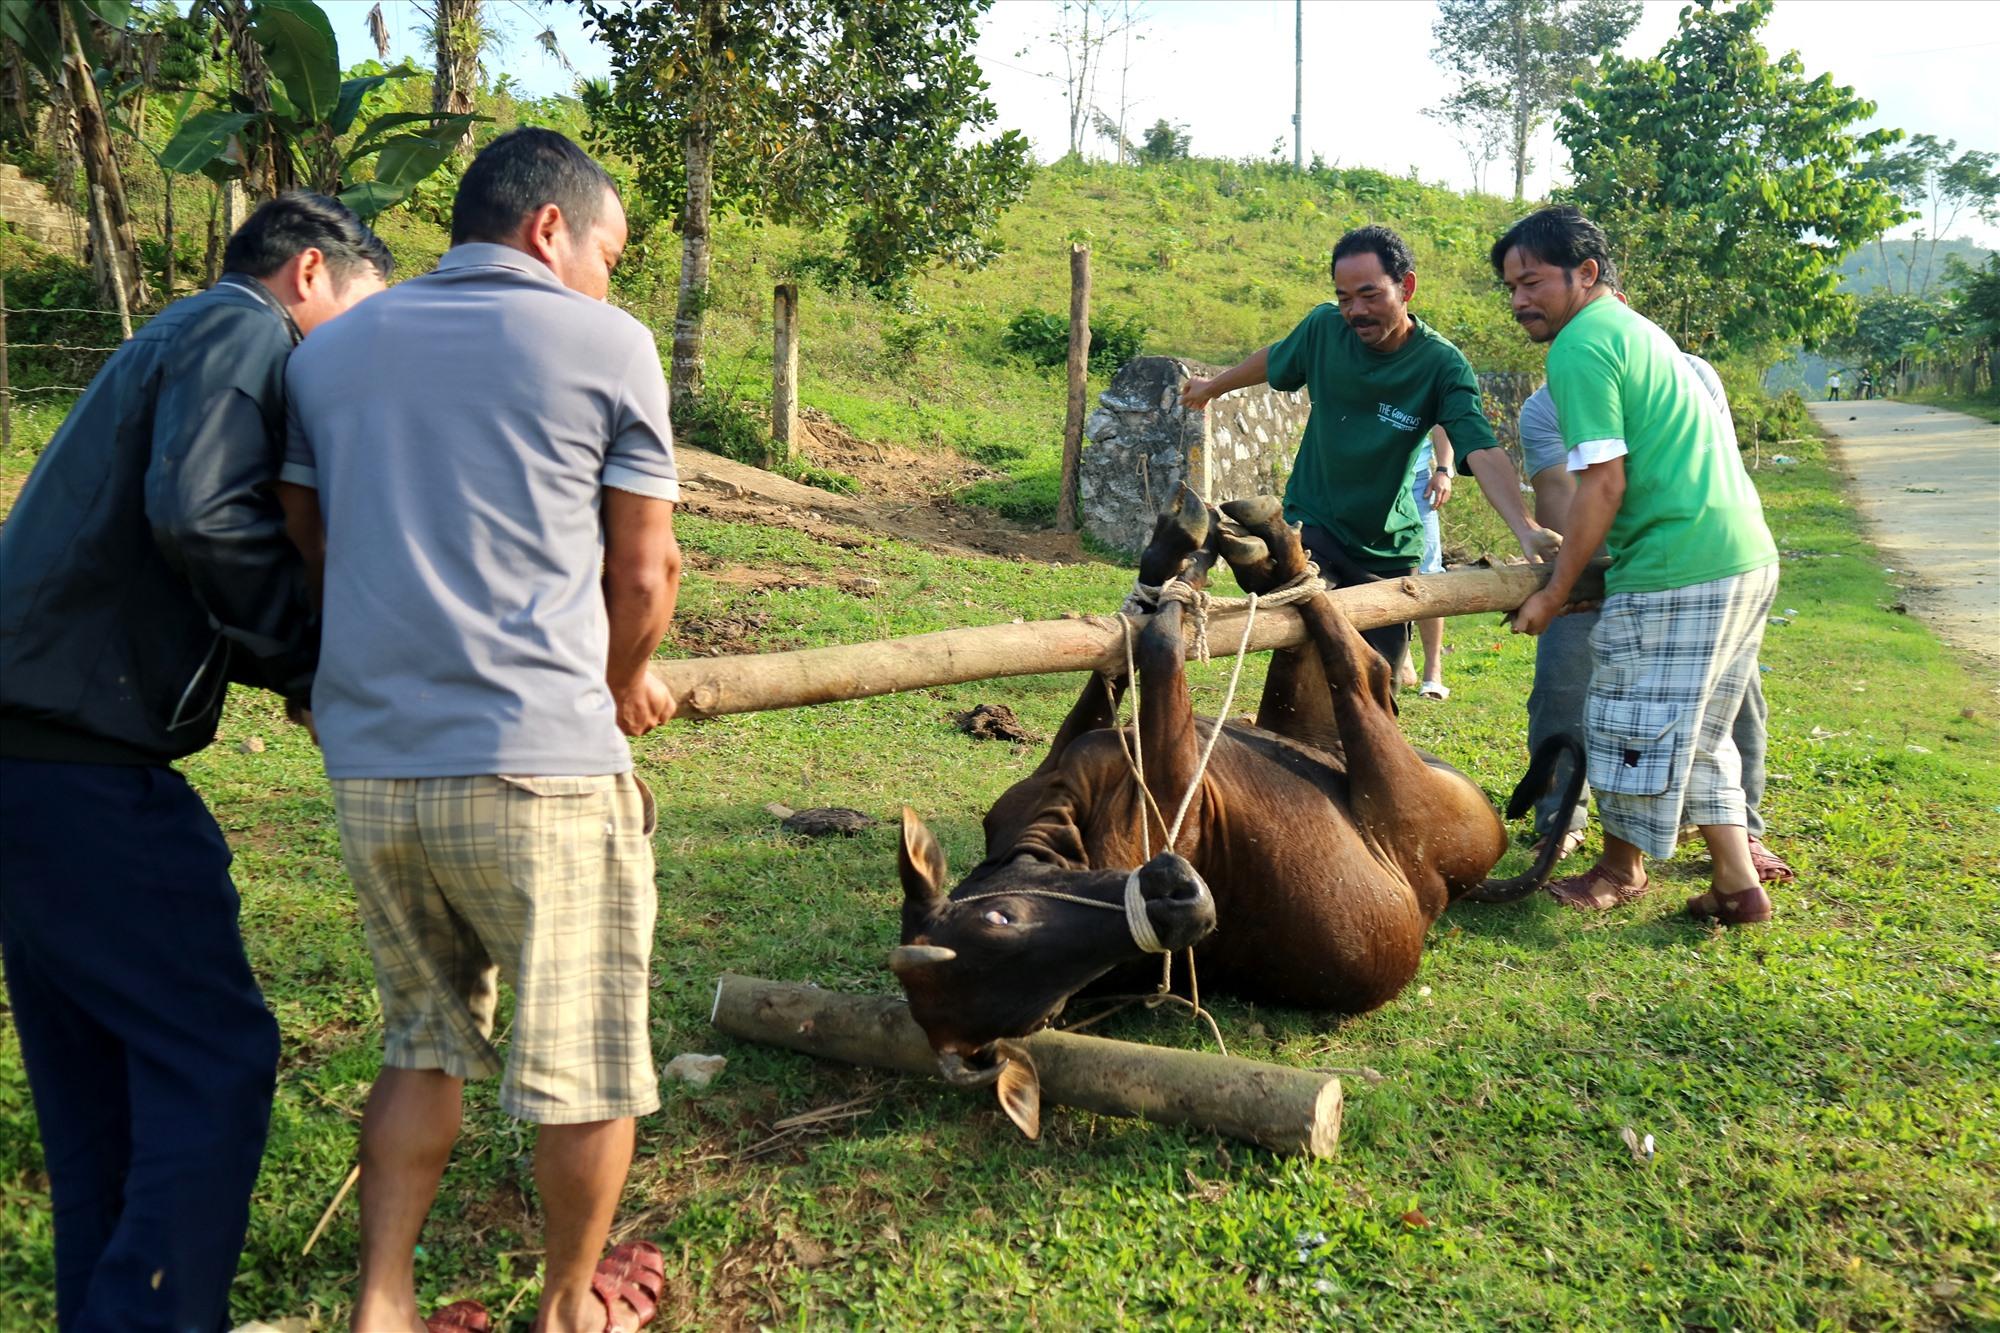 Dù điều kiện còn nhiều khó khăn, nhưng tết, đồng bào góp chung kinh phí để mổ bò, dự trữ ẩm thực truyền thống để đón khách. Ảnh: Đ.N